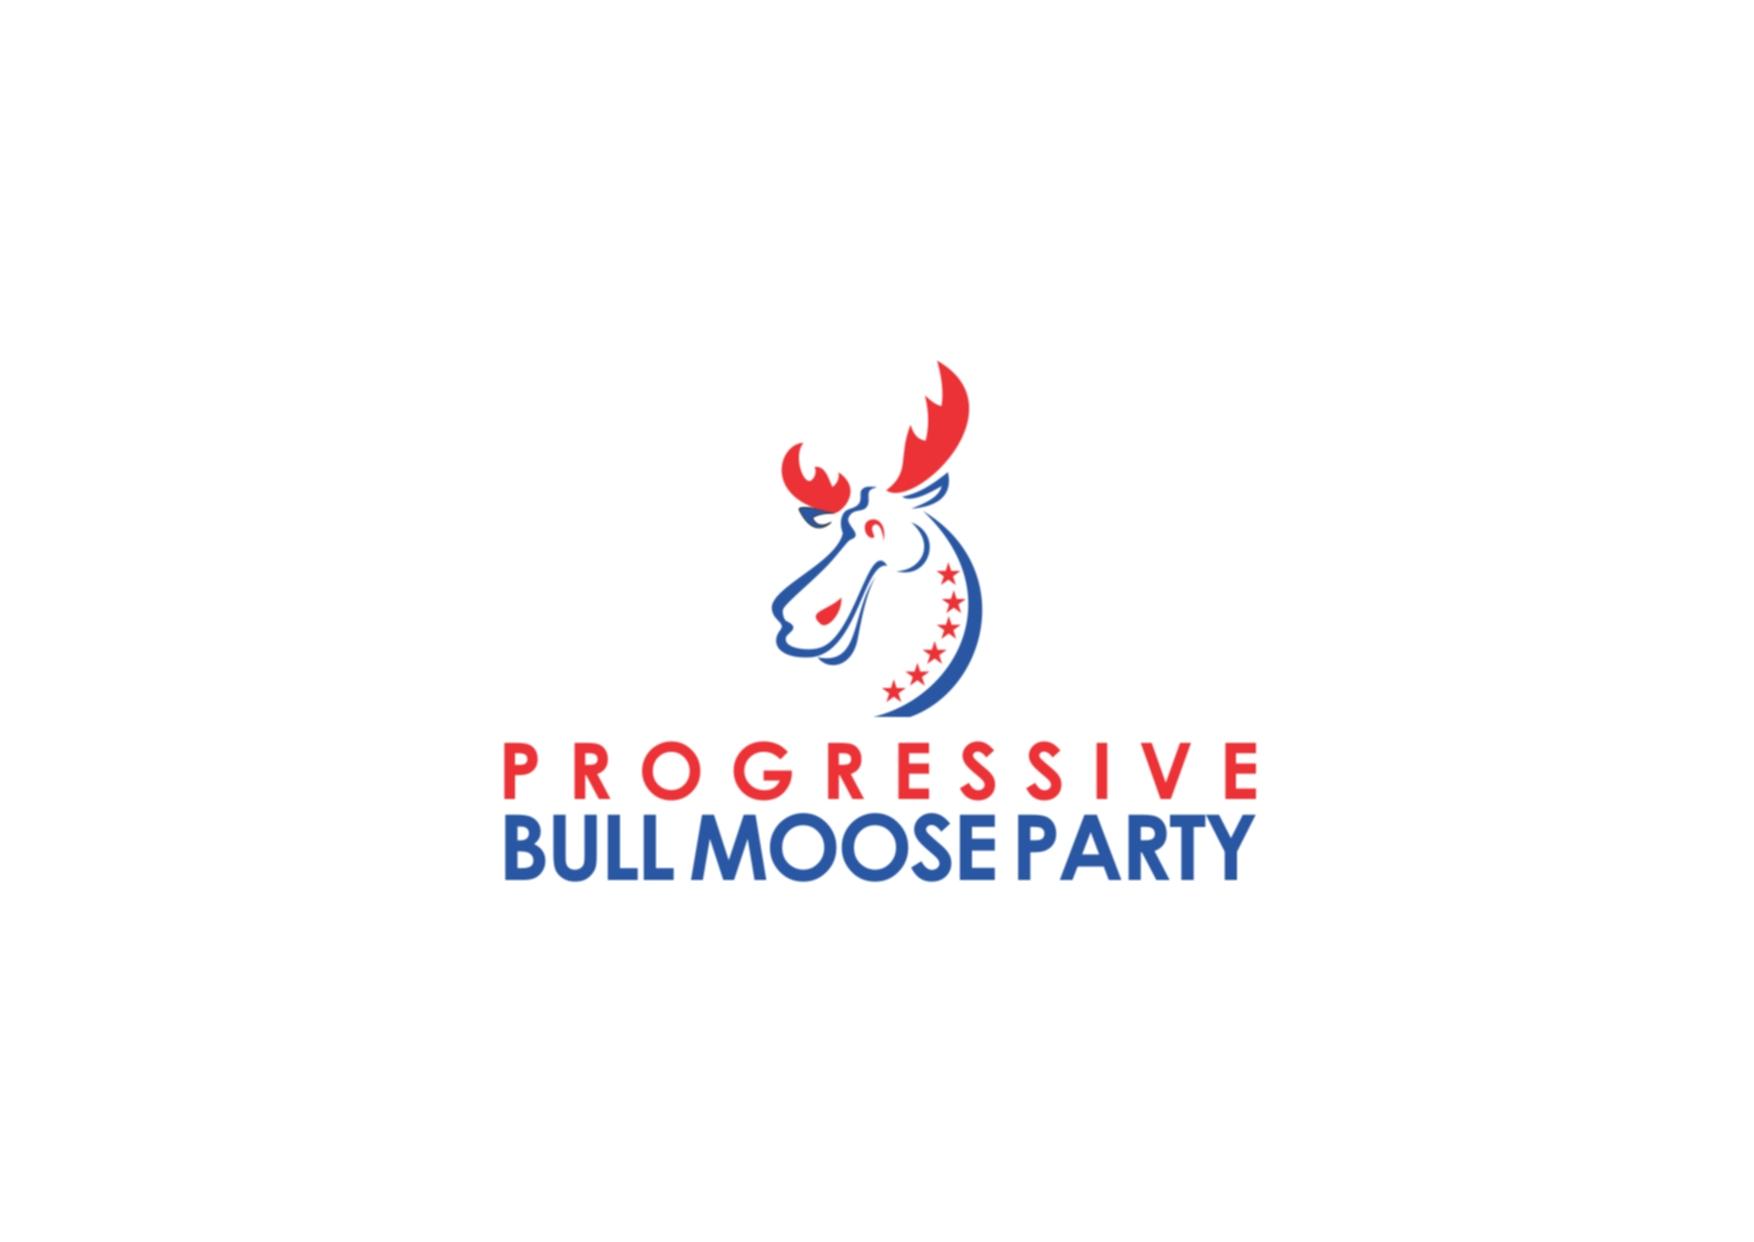 Logo Design by Private User - Entry No. 27 in the Logo Design Contest Progressive Bull Moose Party Logo Design.